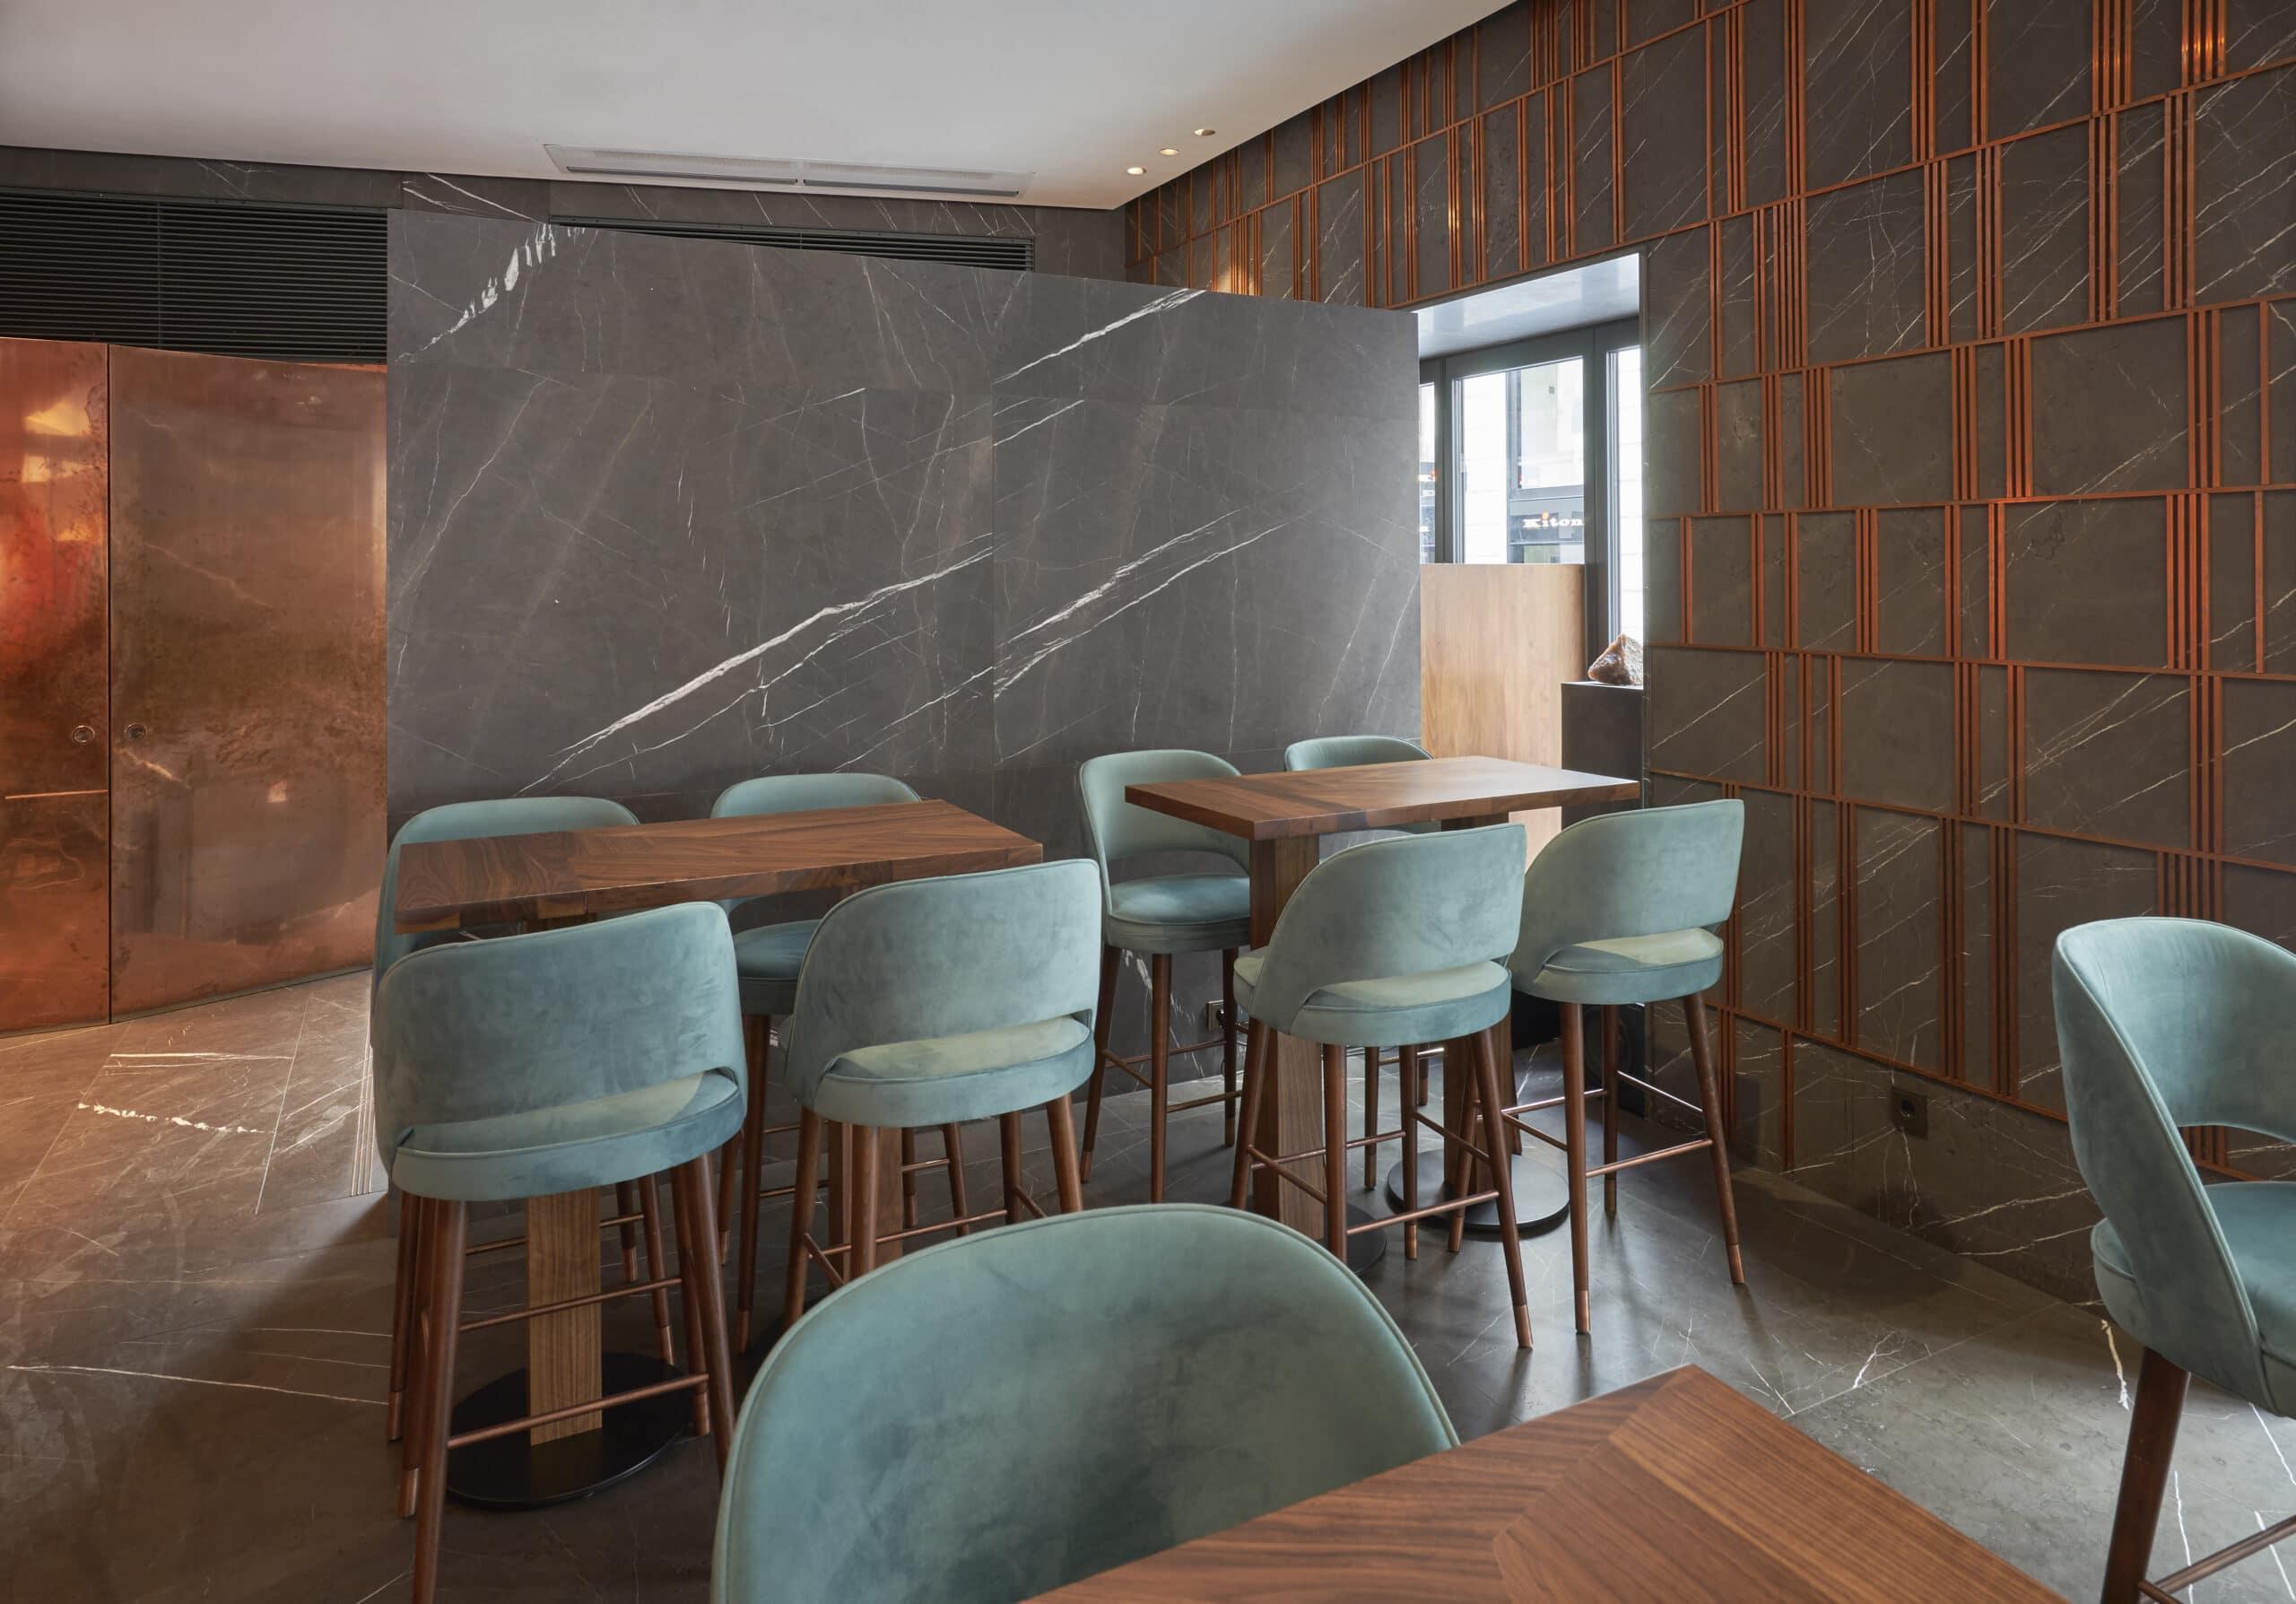 Der anthrazitfarbene Marmor Grey Pietra aus dem Iran weist eine markante, elegante weiße Maserung auf. Wie man im Restaurant AI sehen konnte, ist er äußerst vielseitig einsetzbar und bleibt trotz Akzentsetzung eher klassisch zurückhaltend.